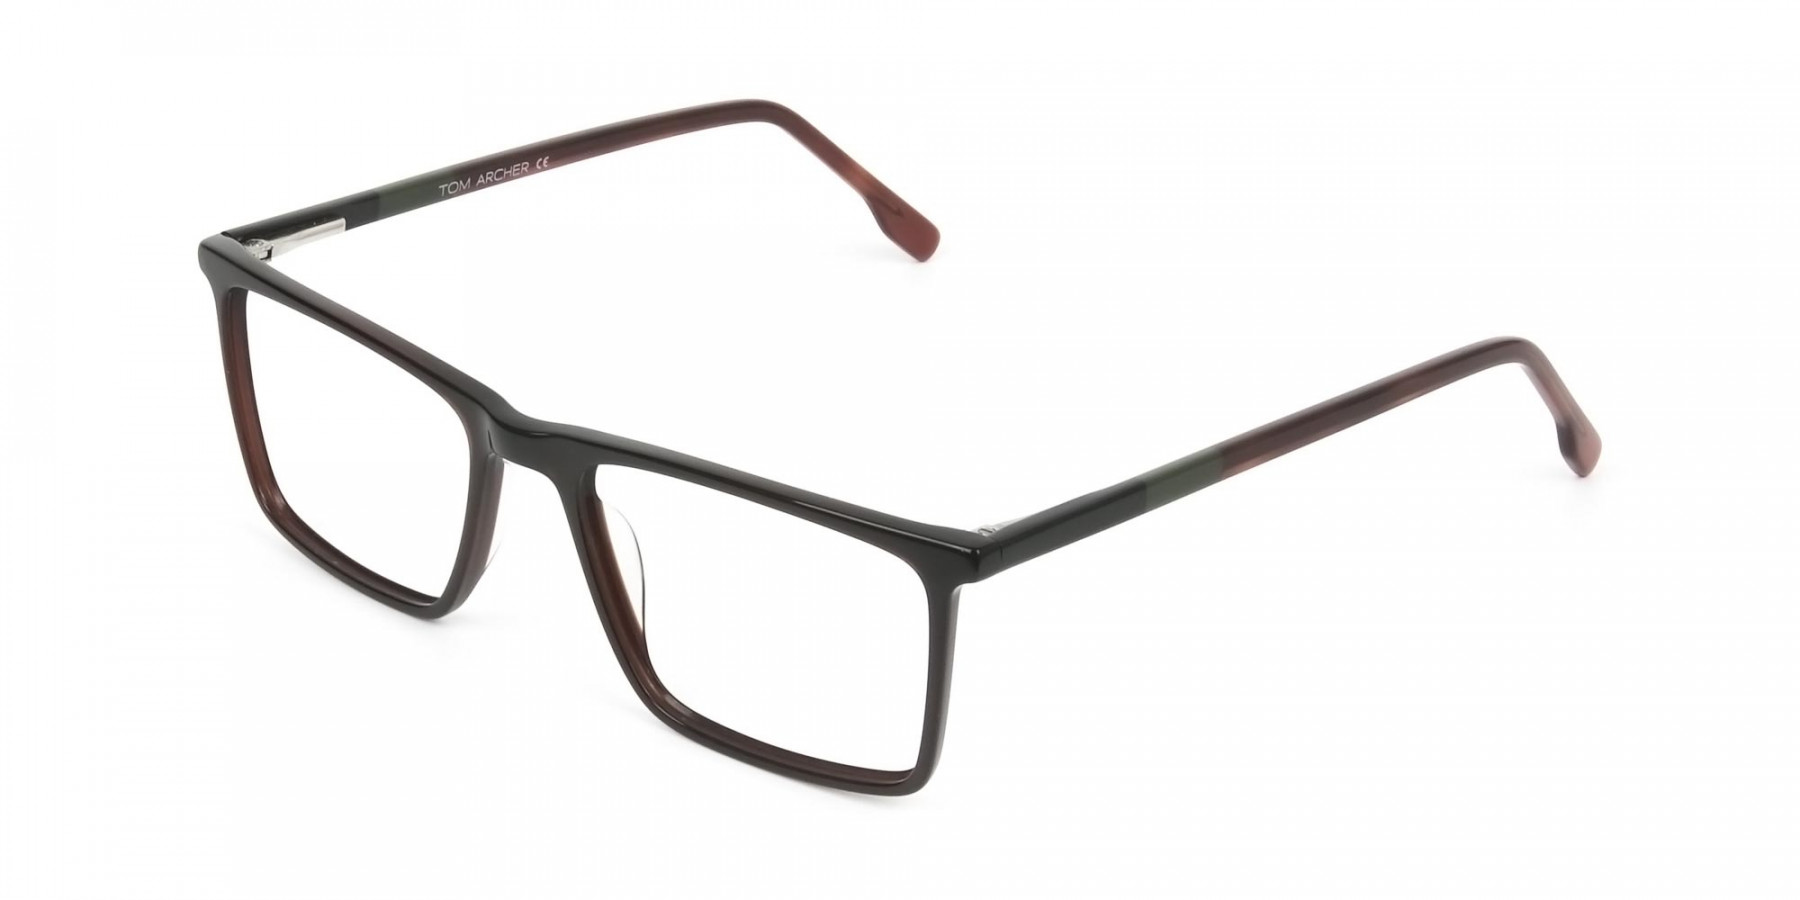 Dark Brown Rectangular Glasses - 1